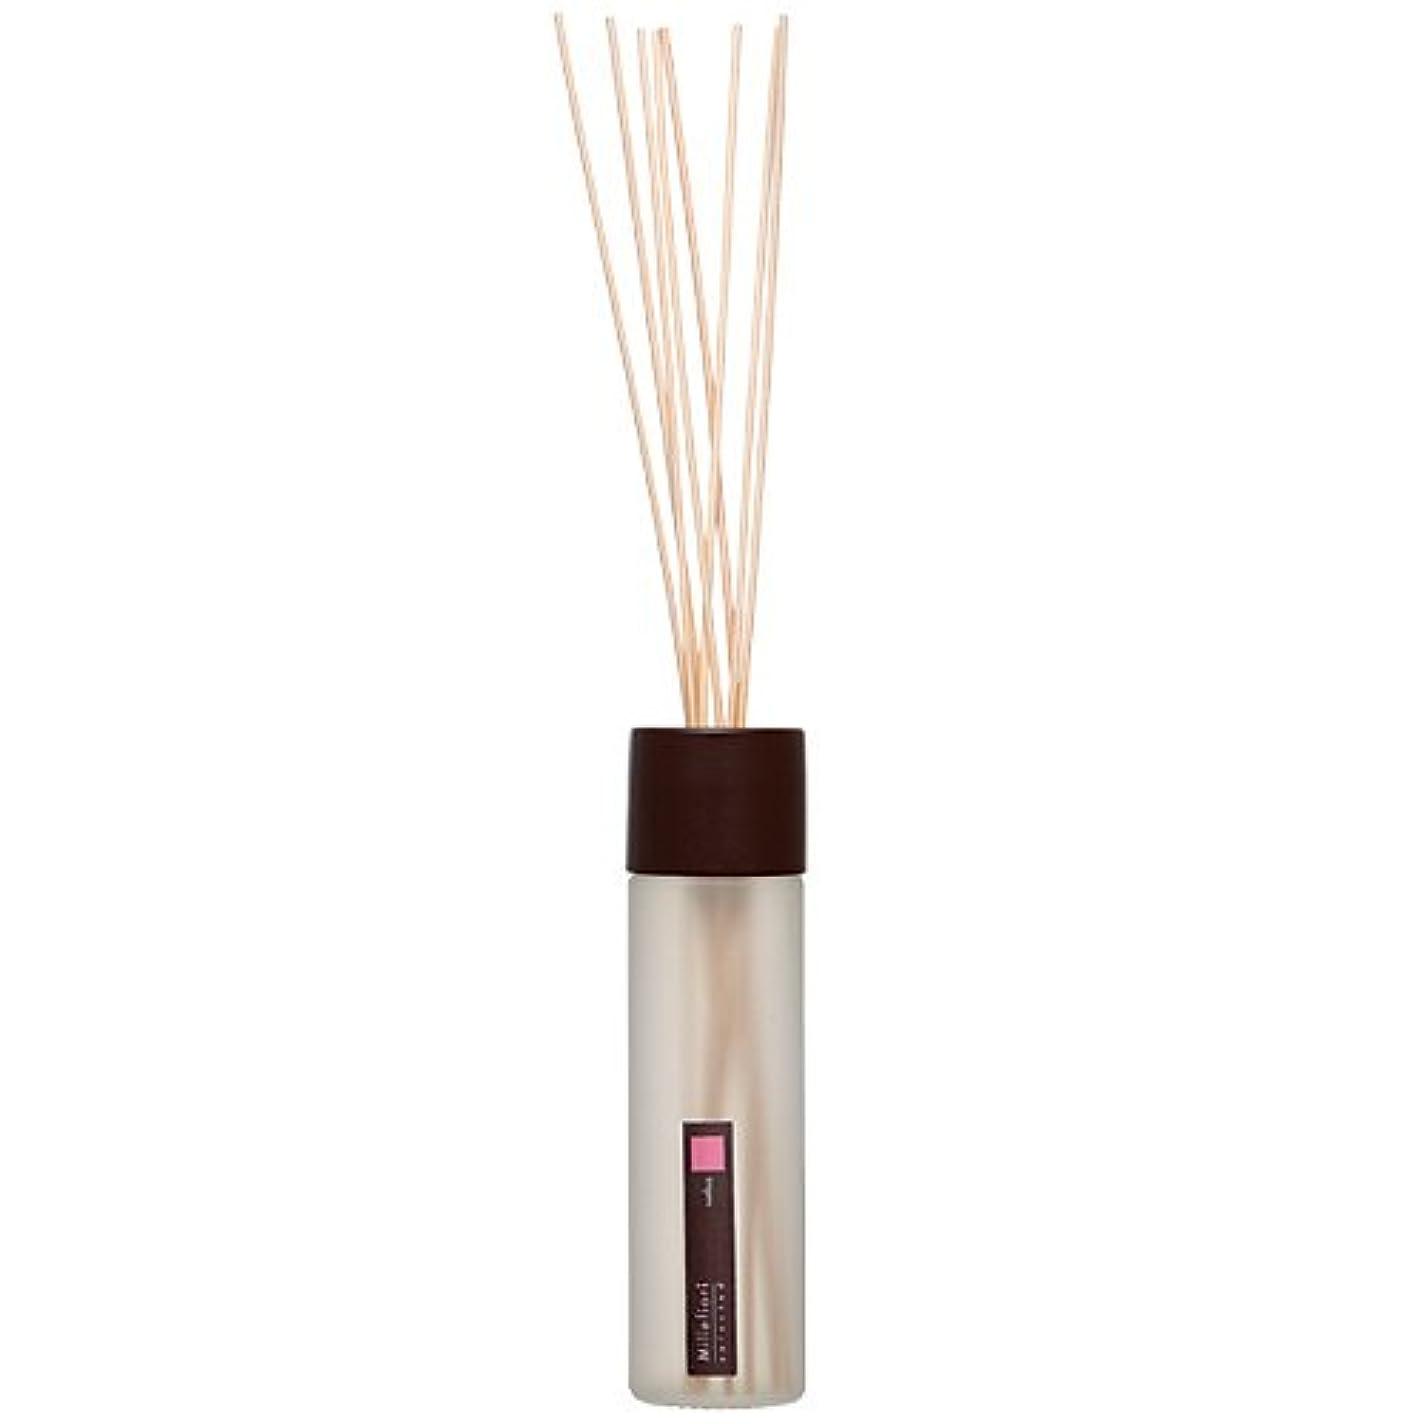 トレードバイパスシーケンスMillefiori [SELECTED] フレグランスディフューザー (M) ニンフィア SDIF-M-003